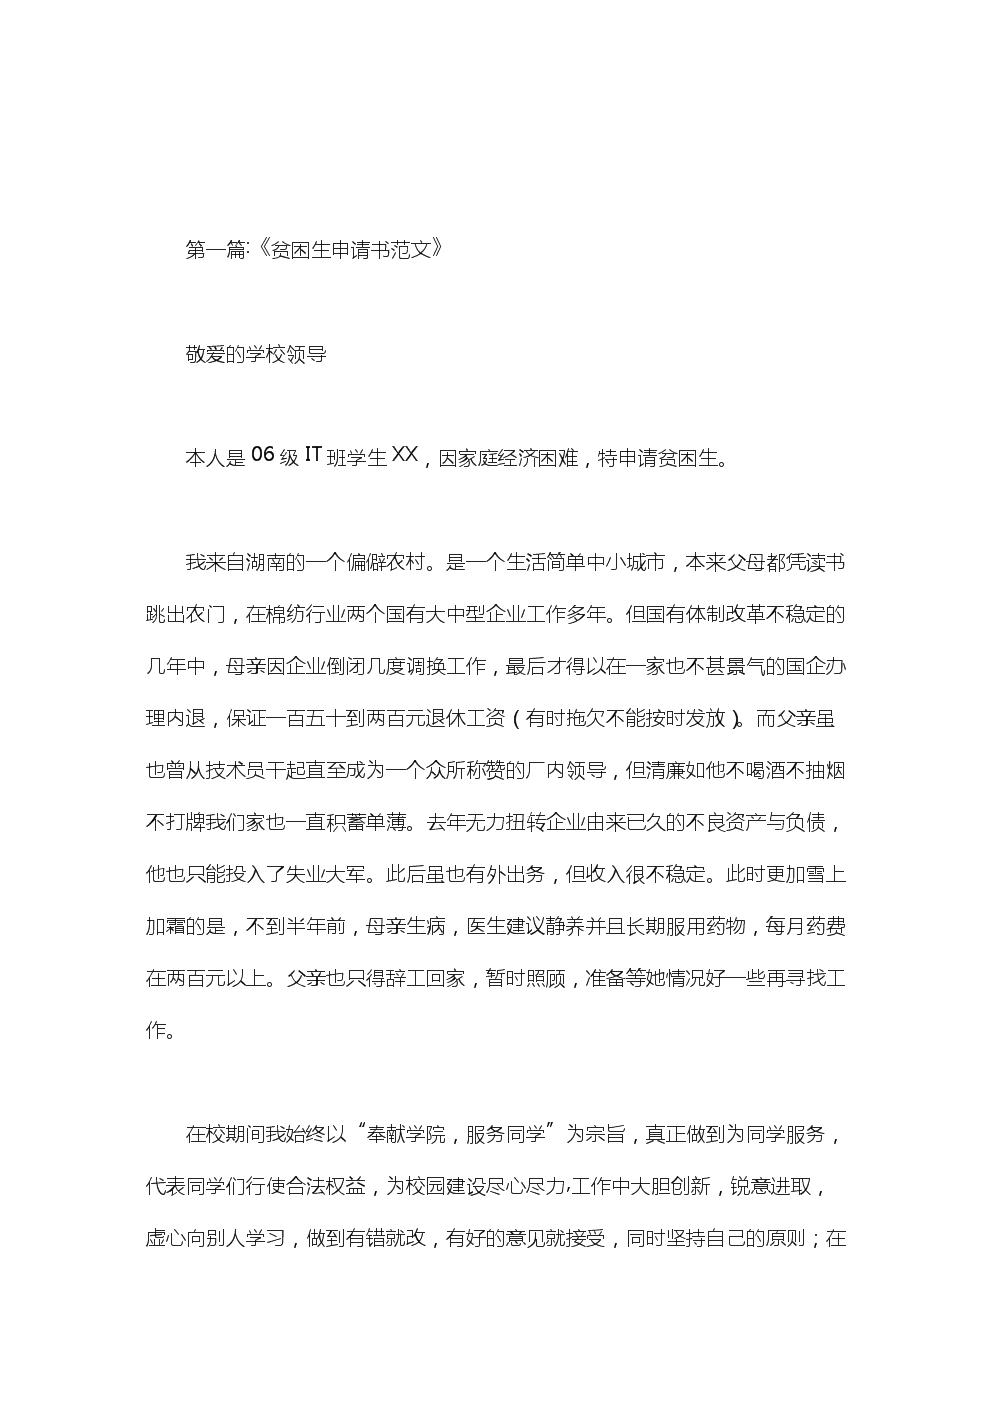 初中贫困生申请书范文范文.doc